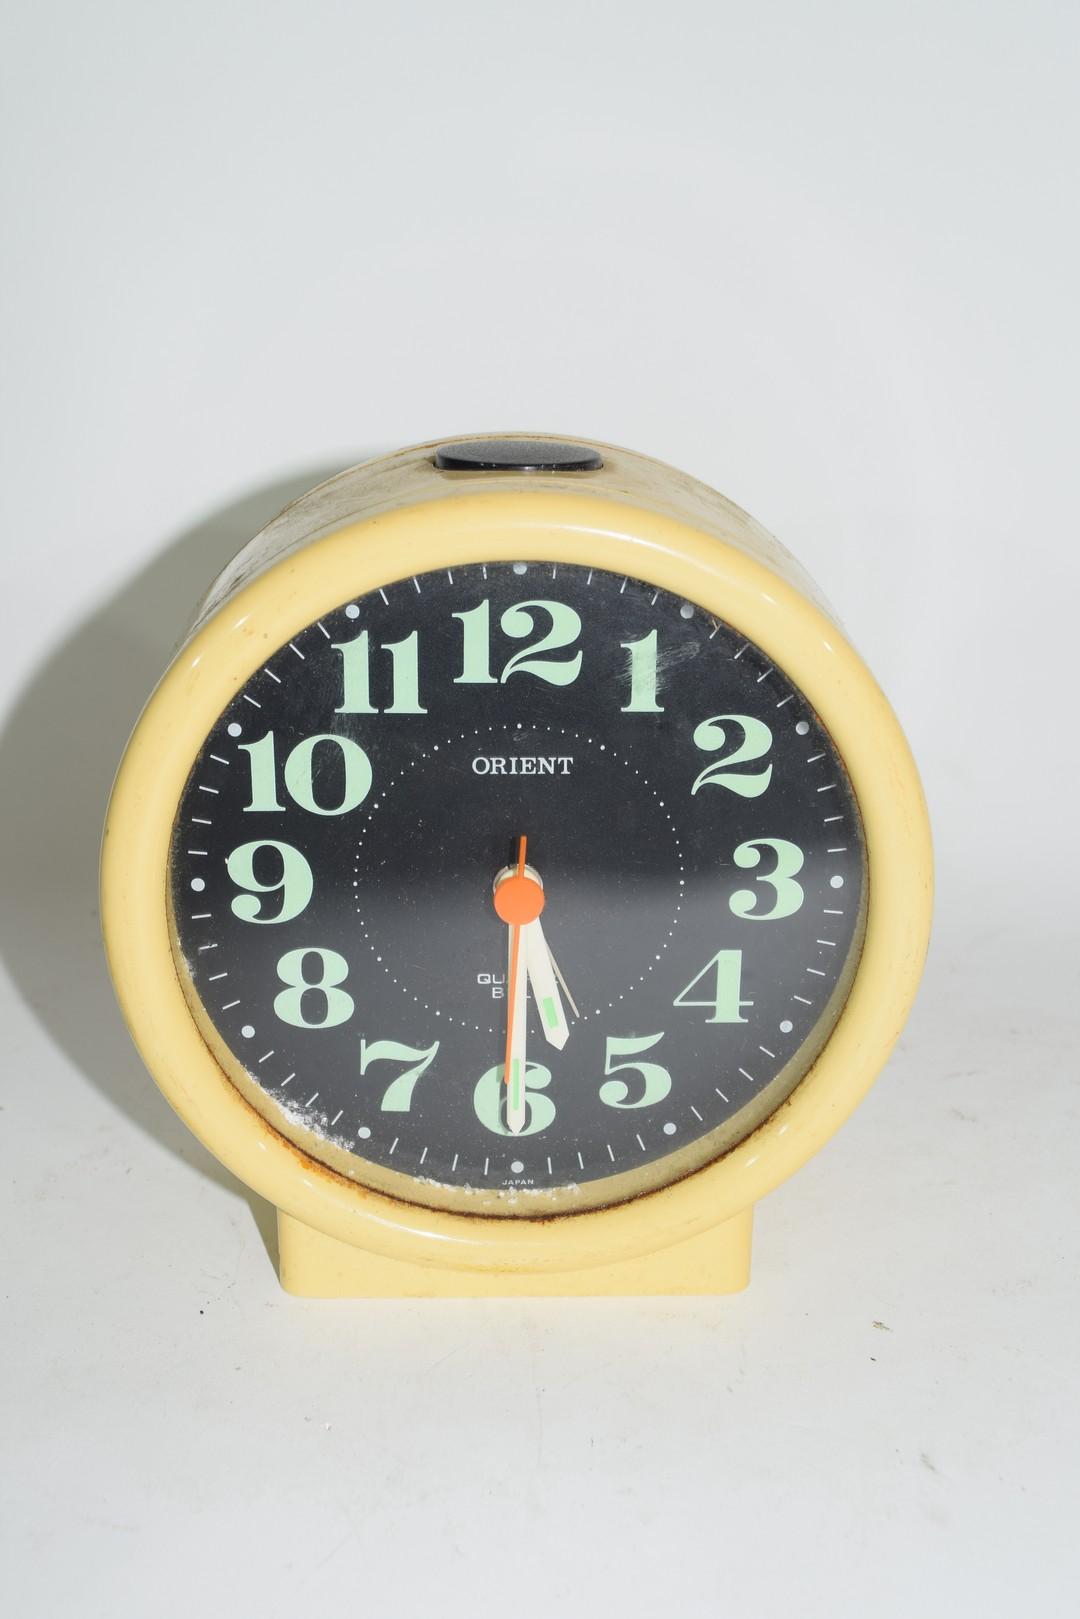 1950s Japanese plastic Orient quartz alarm clock